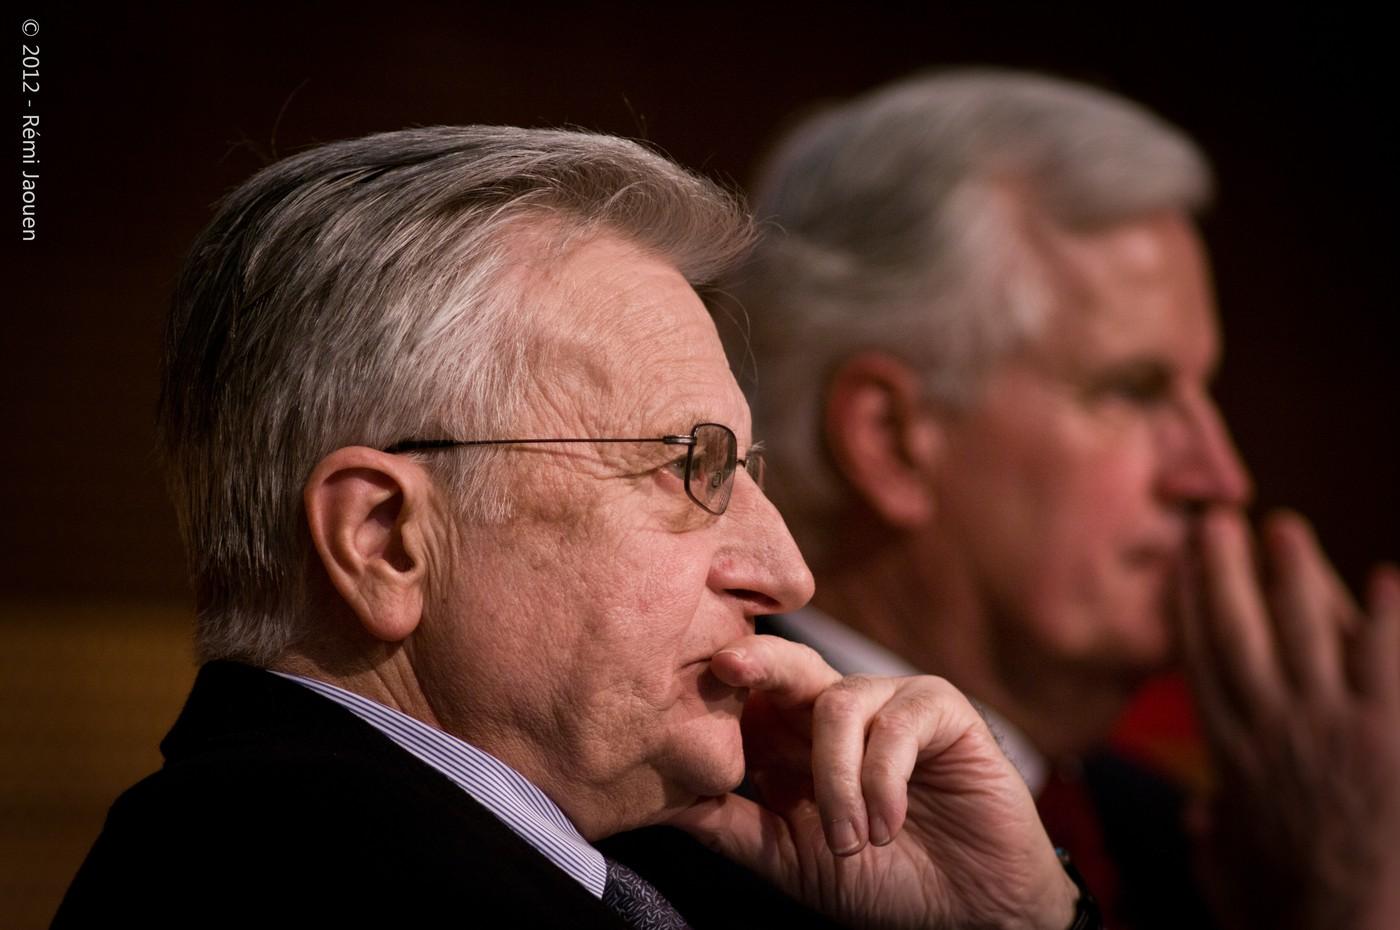 Jean Pierre Trichet États Généraux de l'Europe Rémi Jaouen Reportage photo Politique Corporate